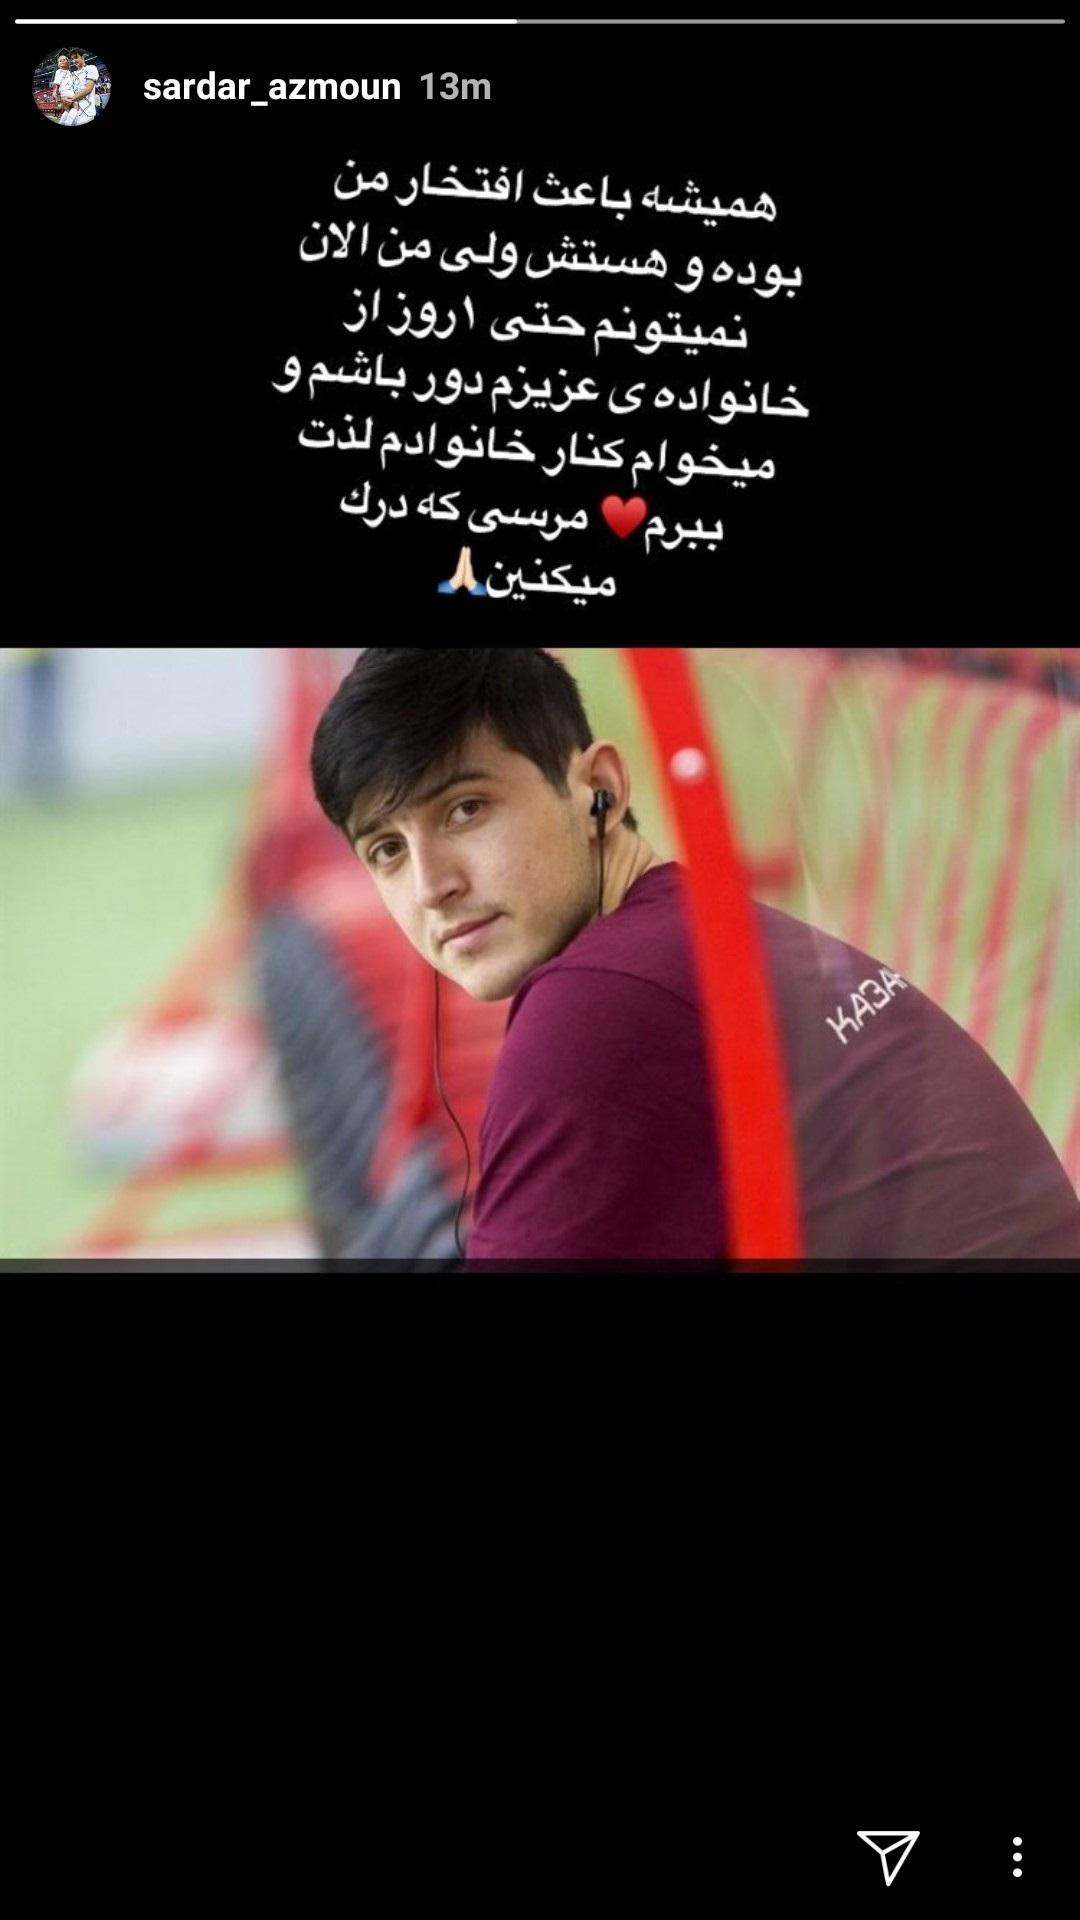 سردار در آزمون بازگشت به تیم ملی فوتبال رد شد